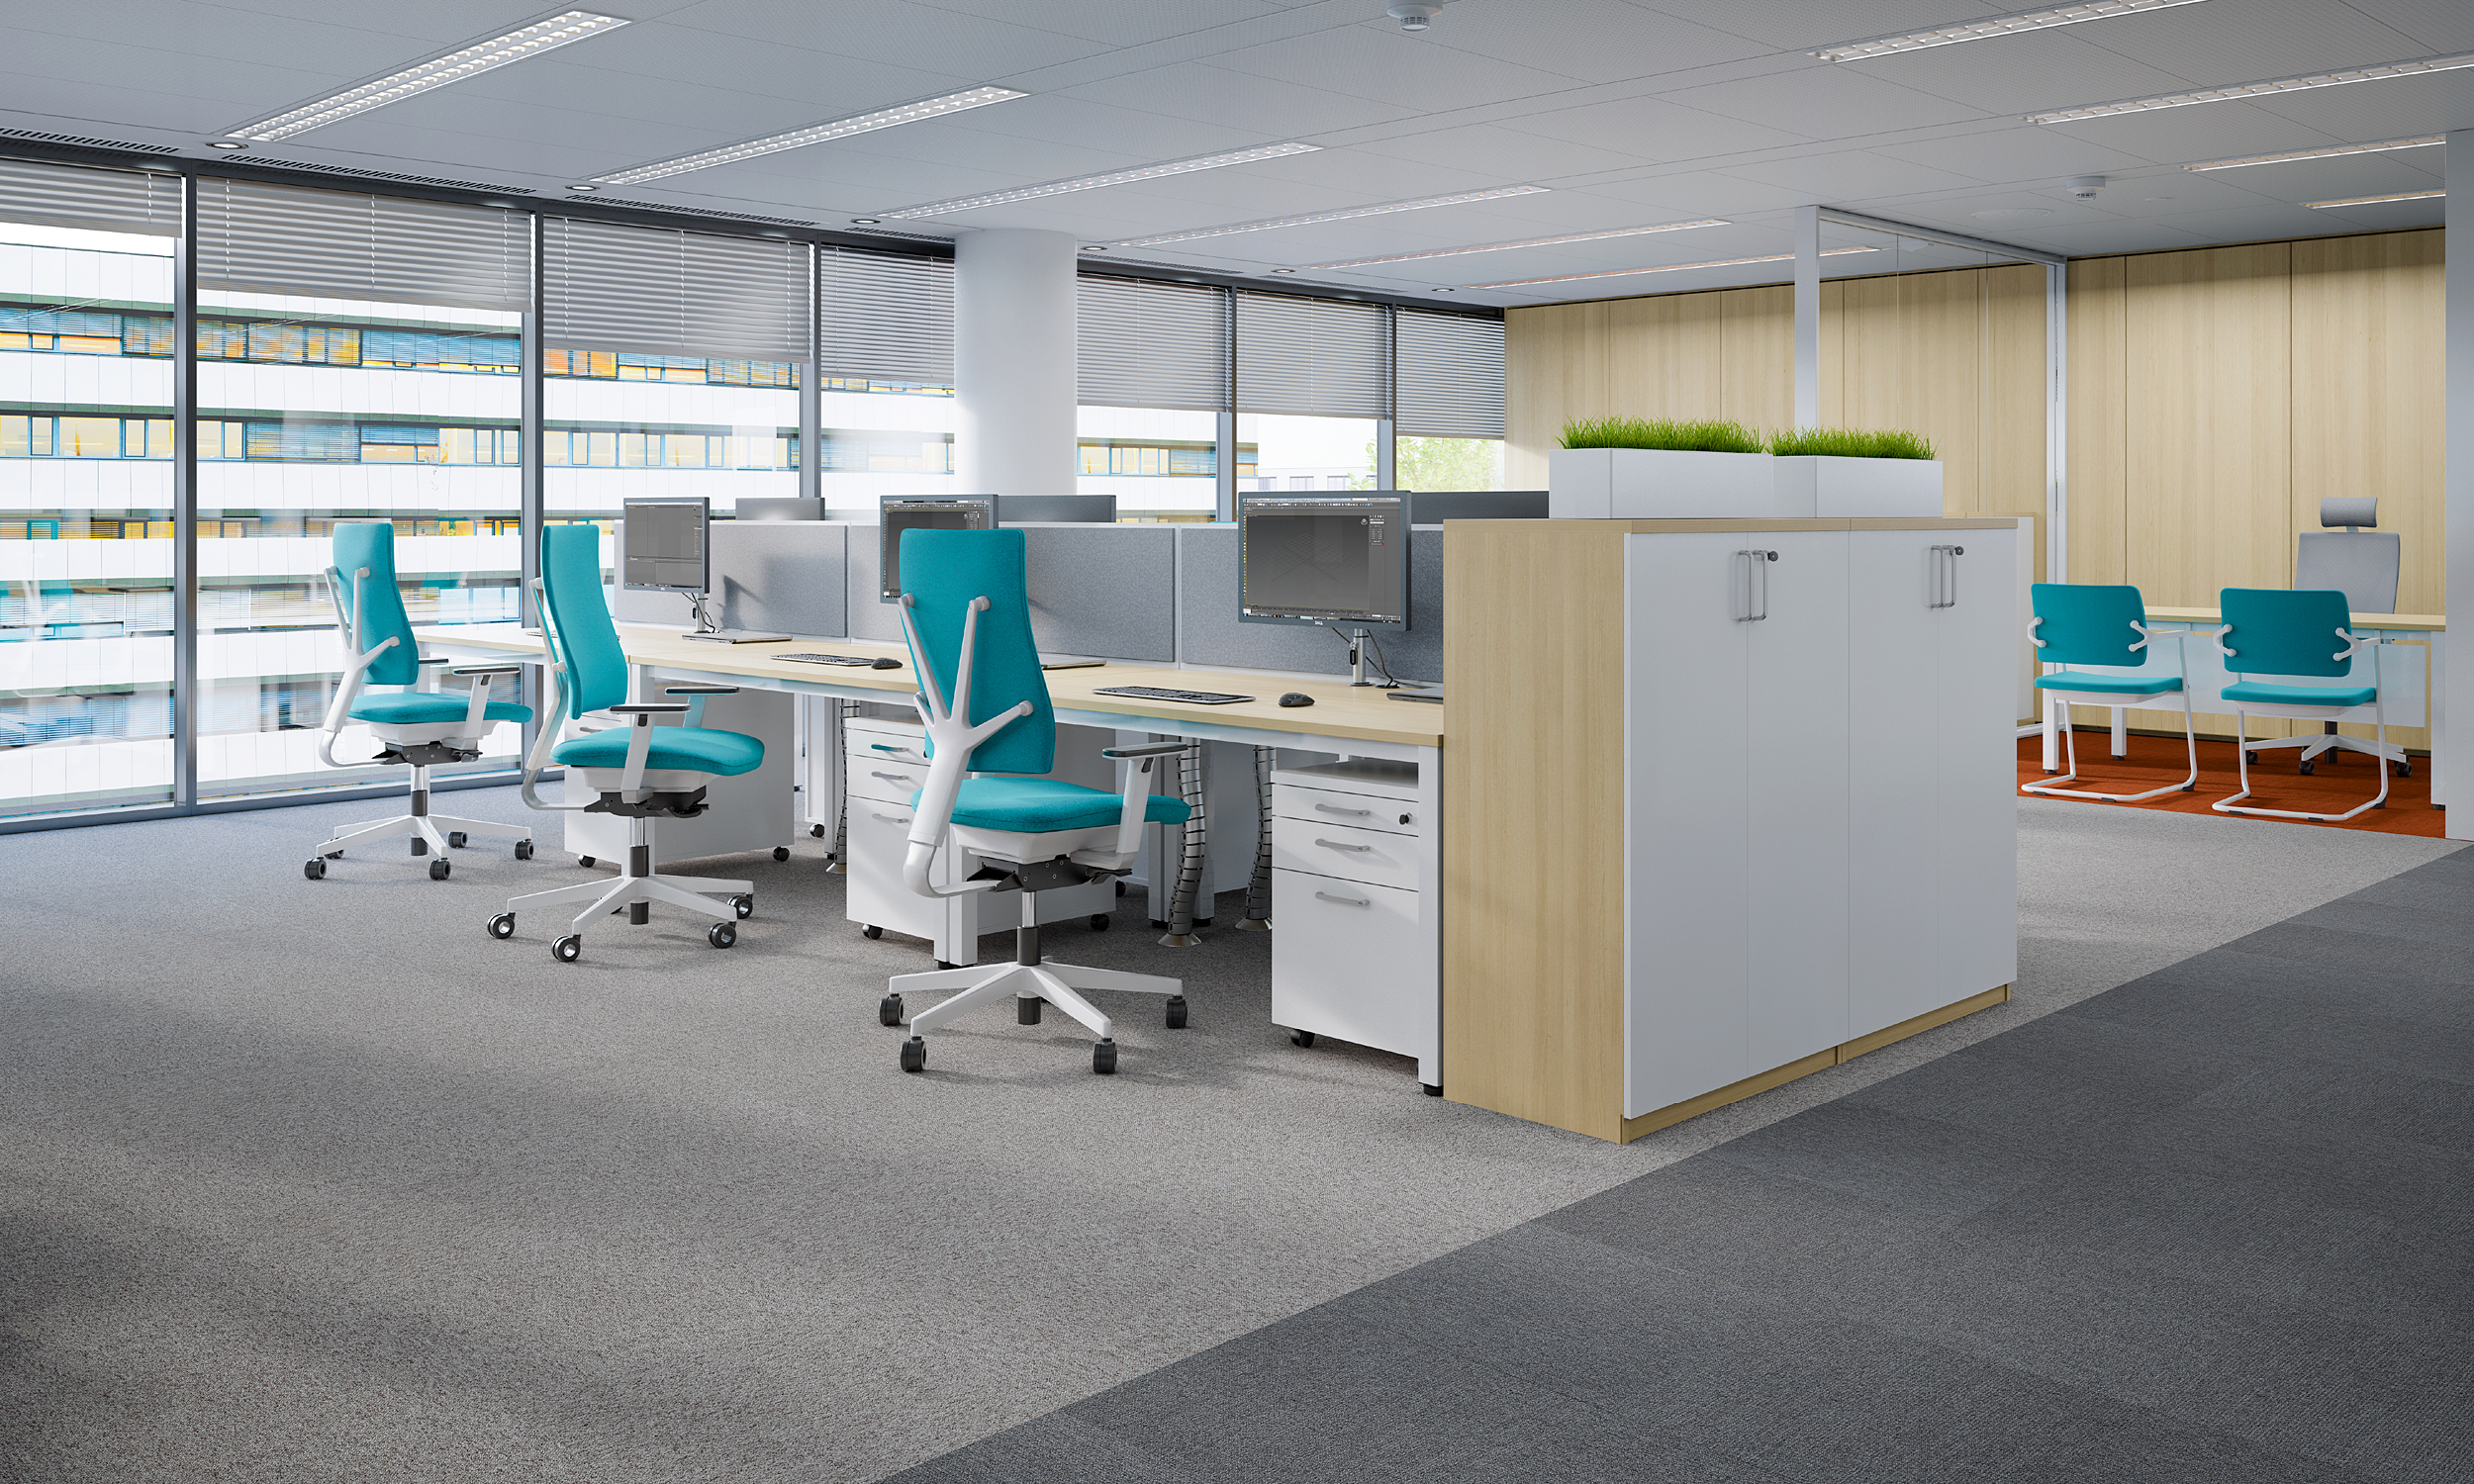 office-furniture_10-6_EasySpace-23.jpg